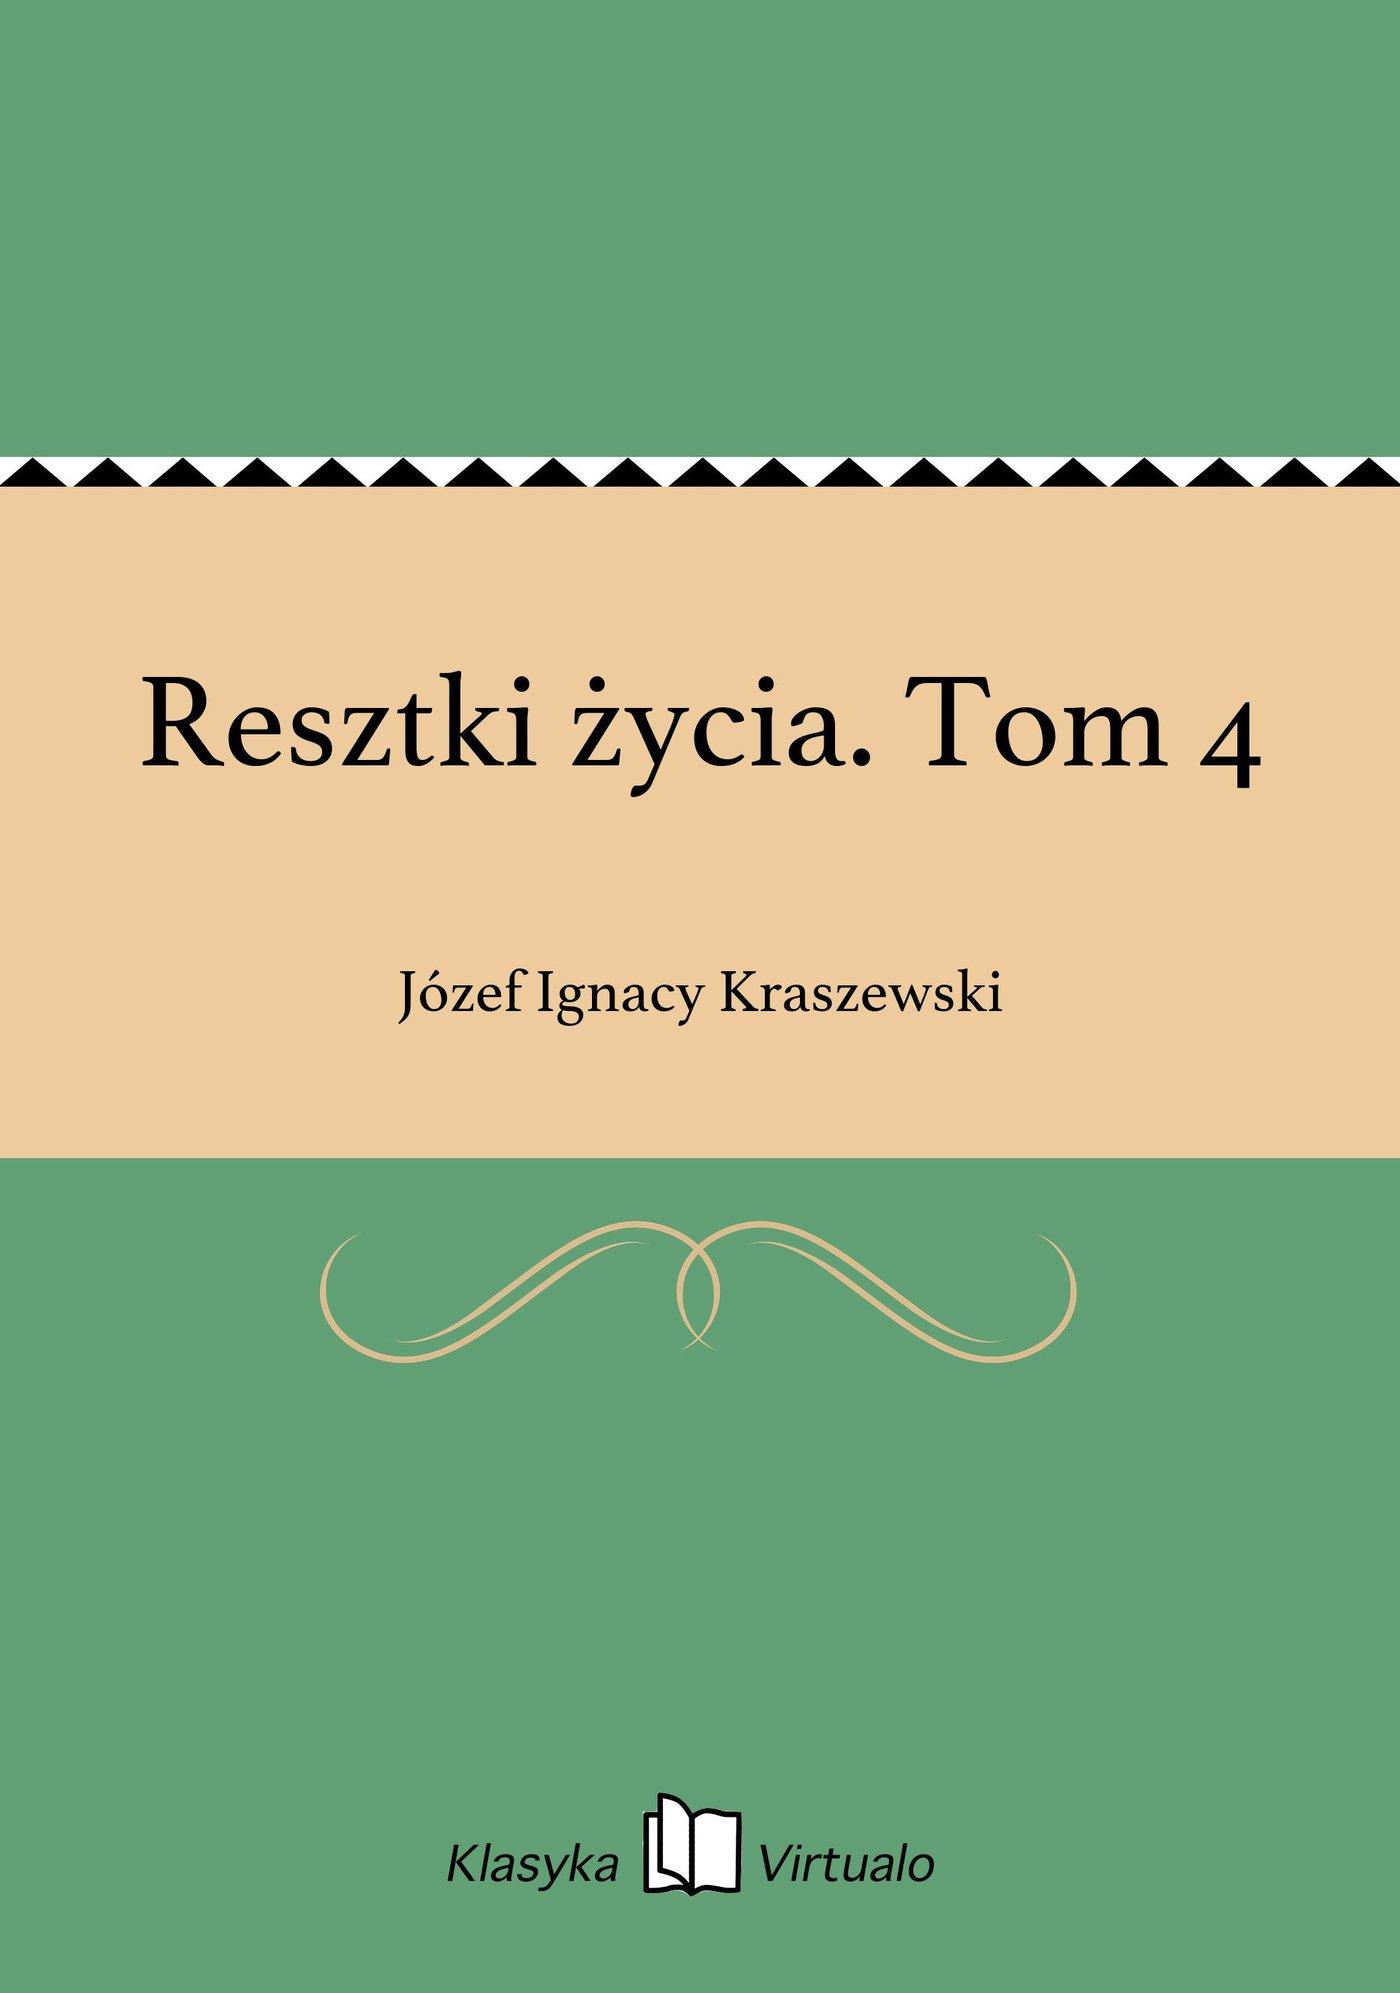 Resztki życia. Tom 4 - Ebook (Książka EPUB) do pobrania w formacie EPUB